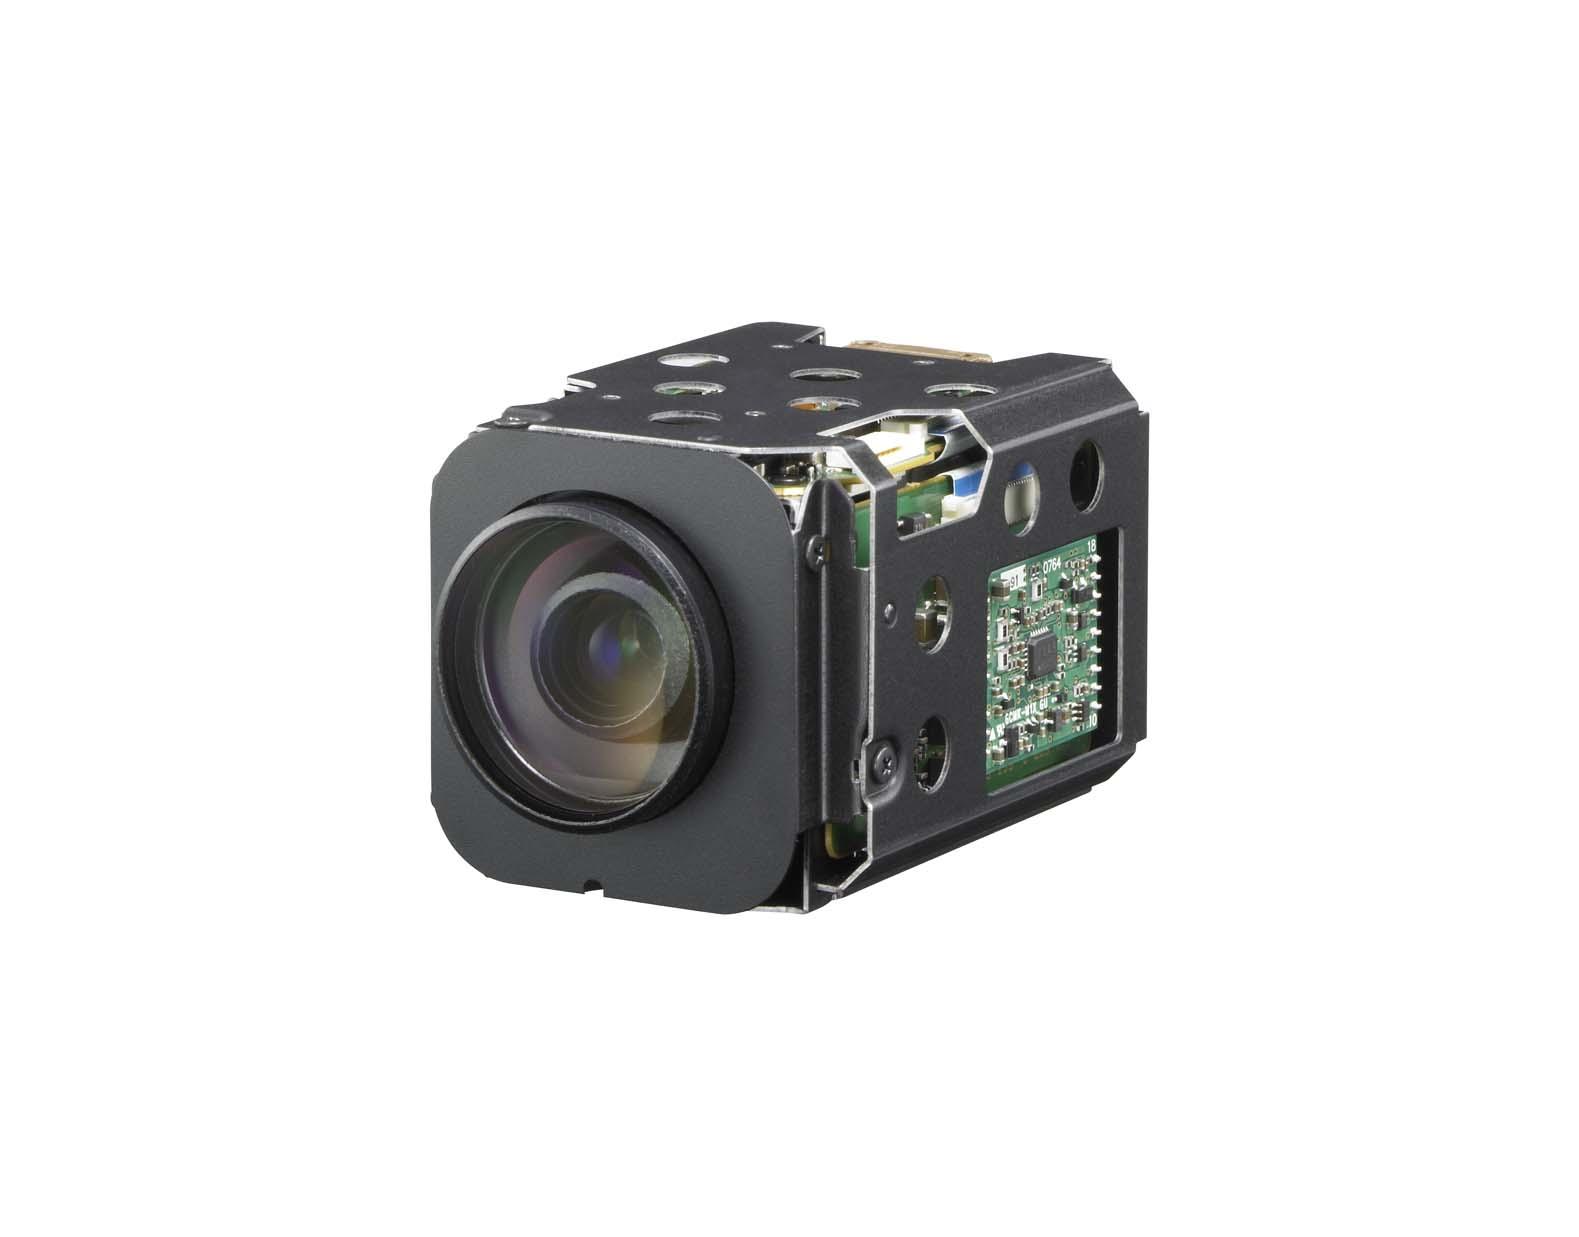 SONY CCD COLORS FCB-EX20DP CAMERA